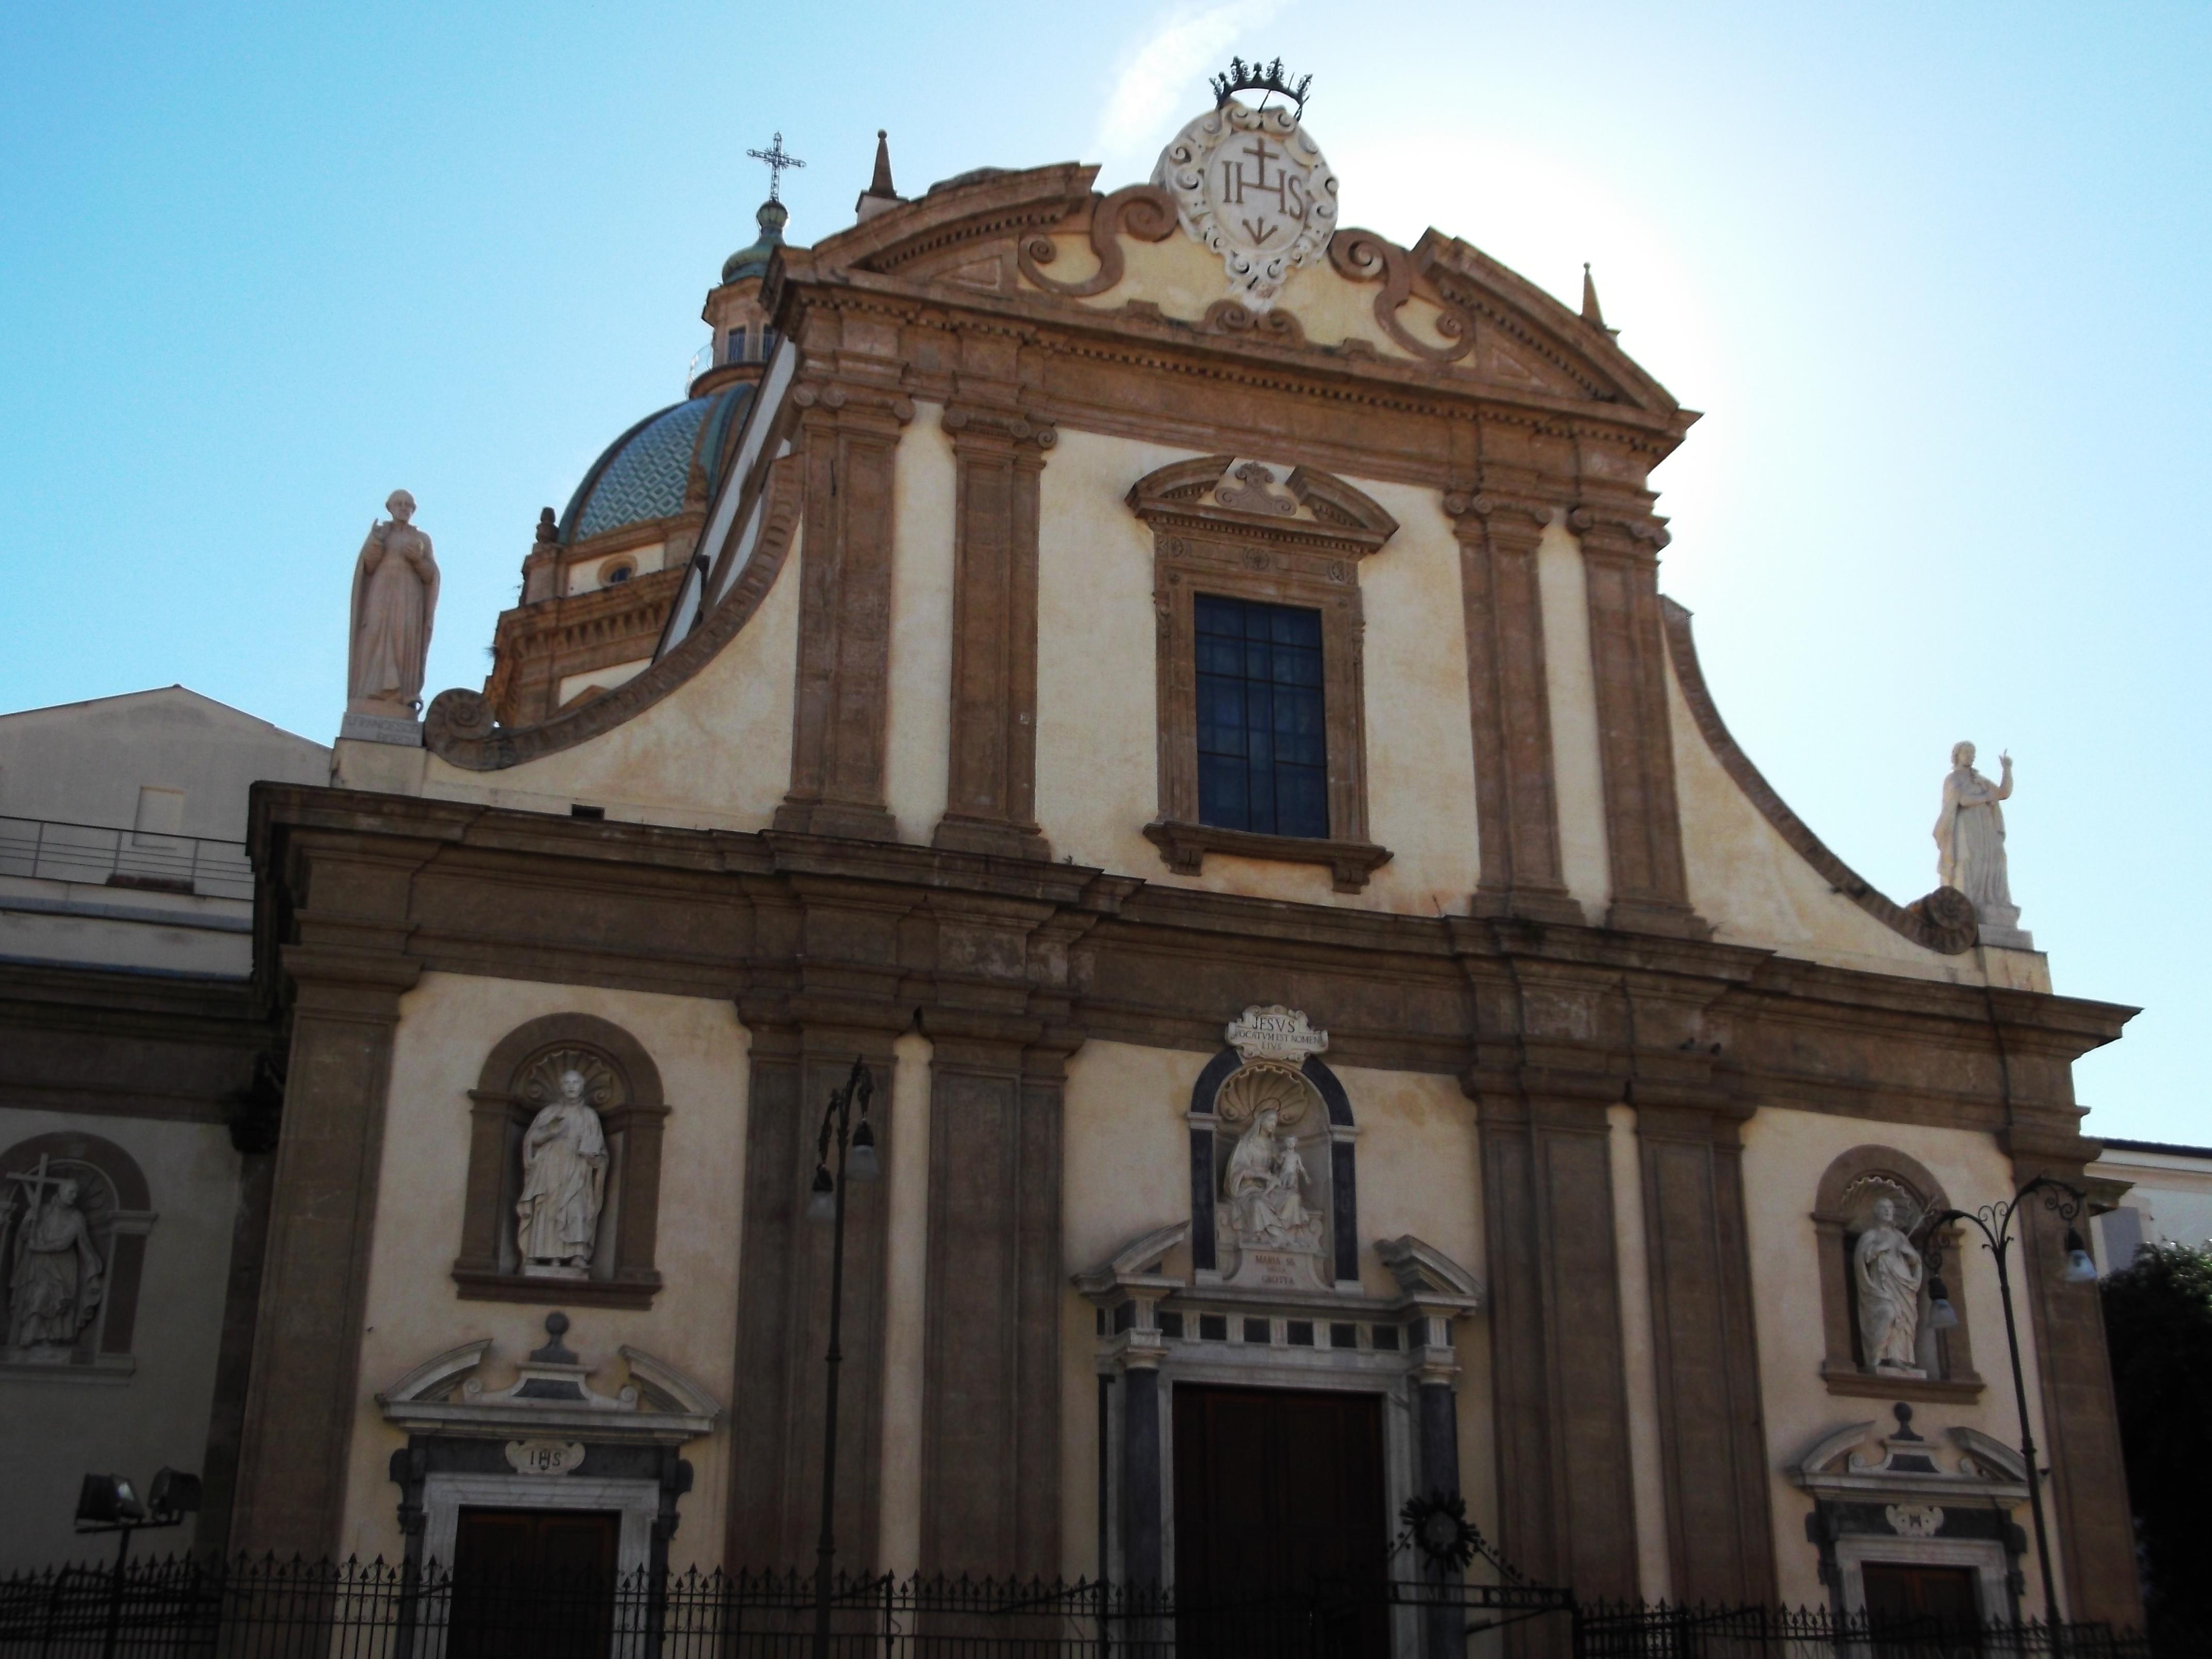 Chiesa del ges palermo wikiwand for Immagini di casa